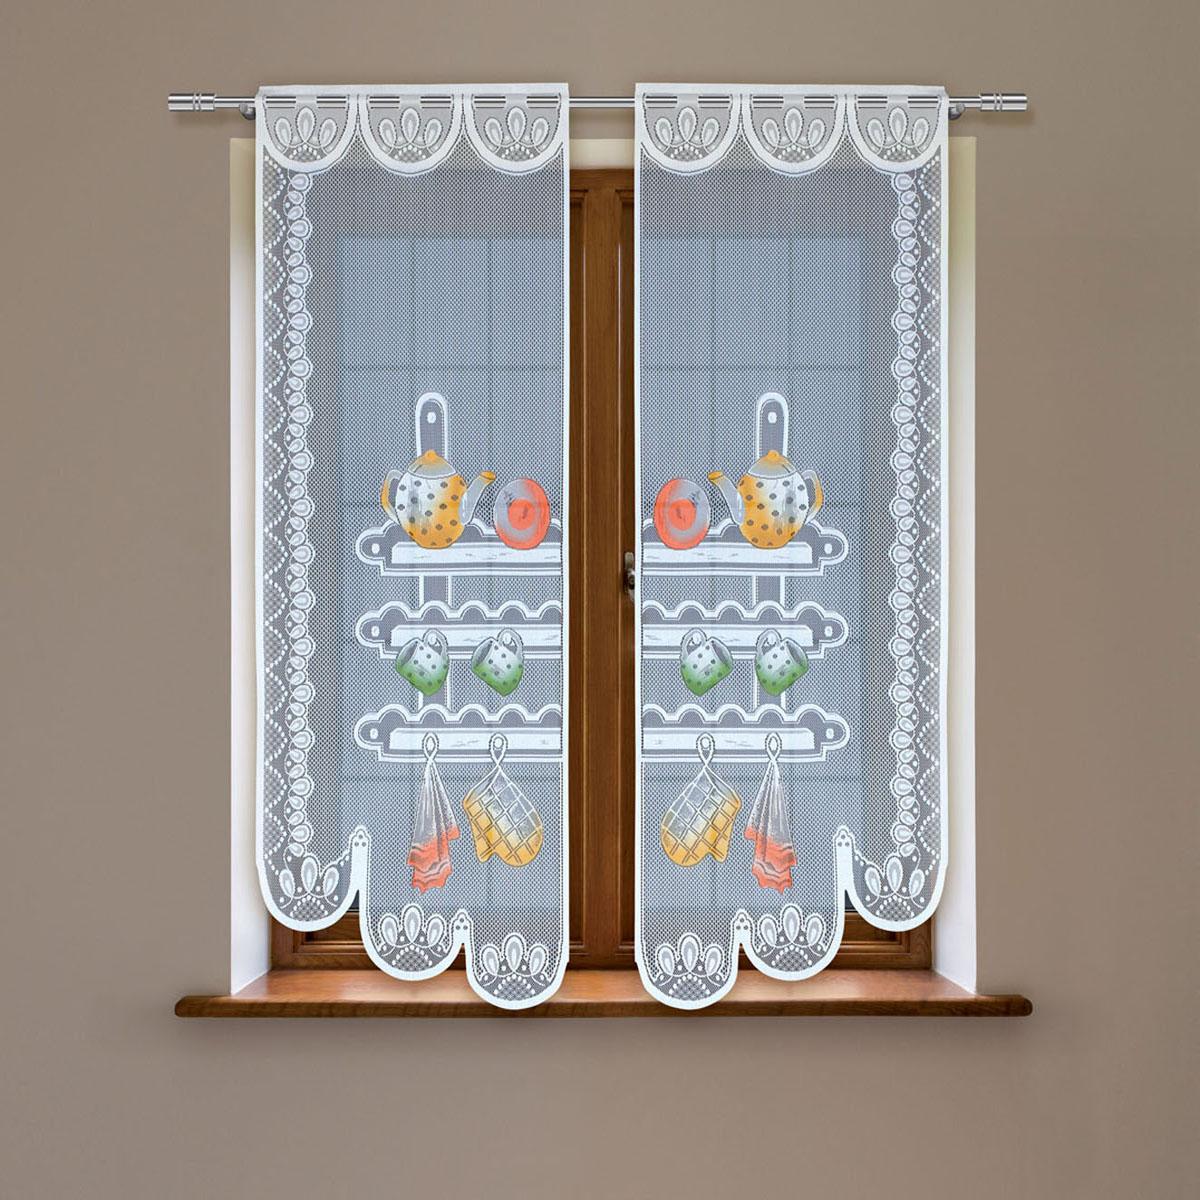 Гардина Haft, цвет: белый, высота 120 см. 8603D/608603D/60Гардина имеет в верхней части полотна прорези, через которые гардина-витраж вывешивается на карниз или можно крепить на зажим для штор,котрый в комплект не входит.Комплект состоит из двух полотен (выс.120* шир.60) Размеры: (высота 120* ширина 60)*2